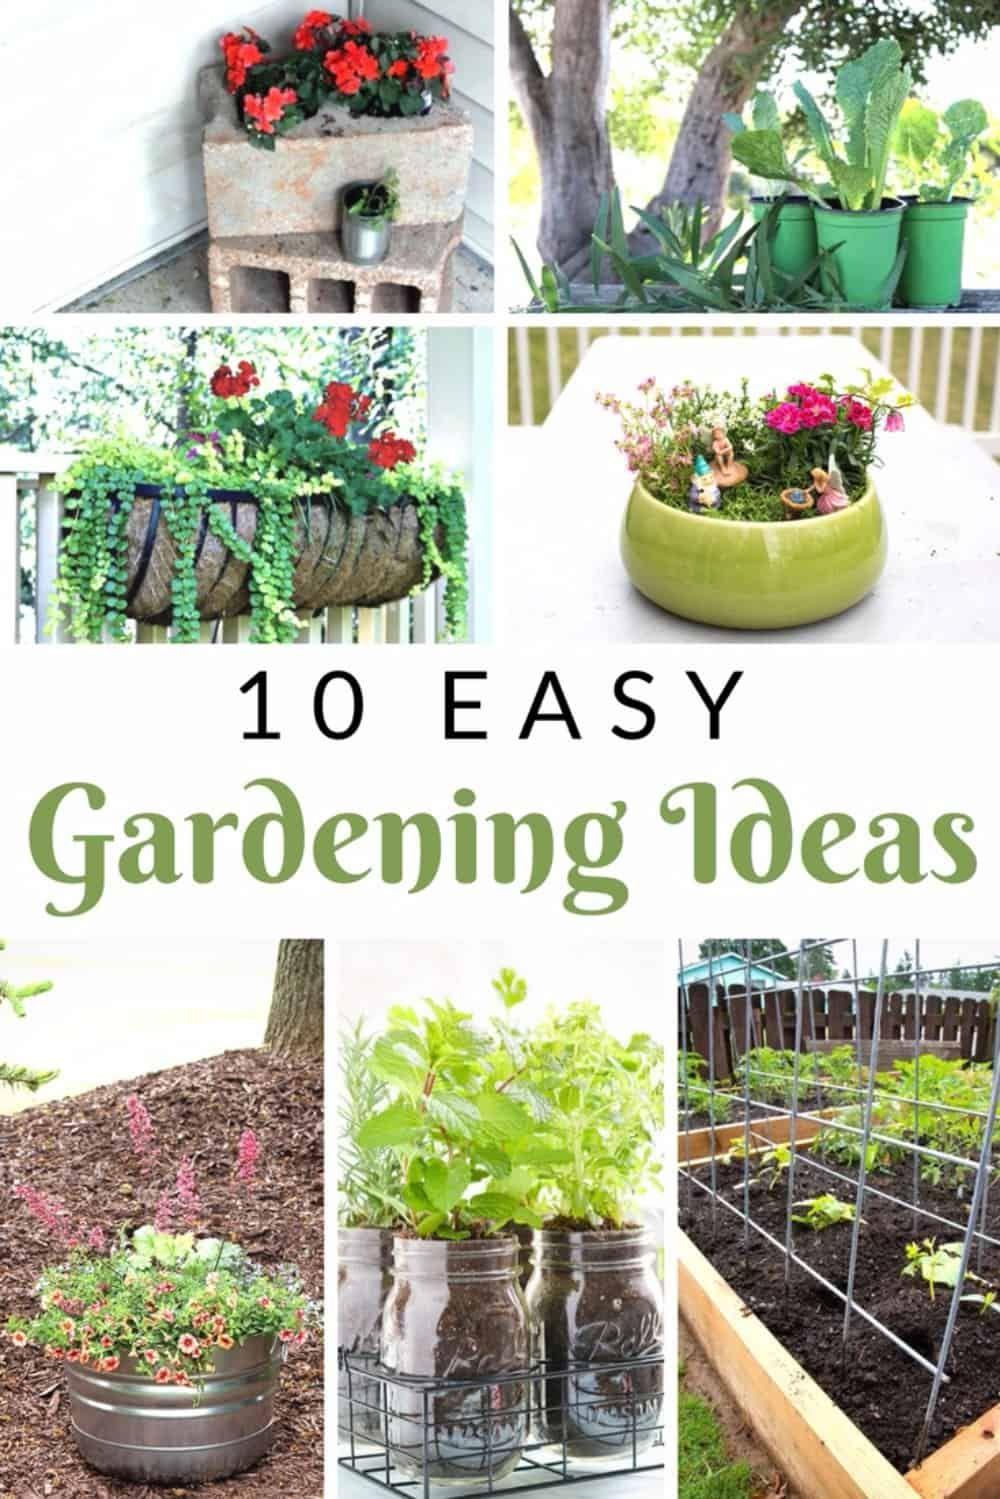 50 Cool Small Backyard Decorating Ideas Small Backyard Patio